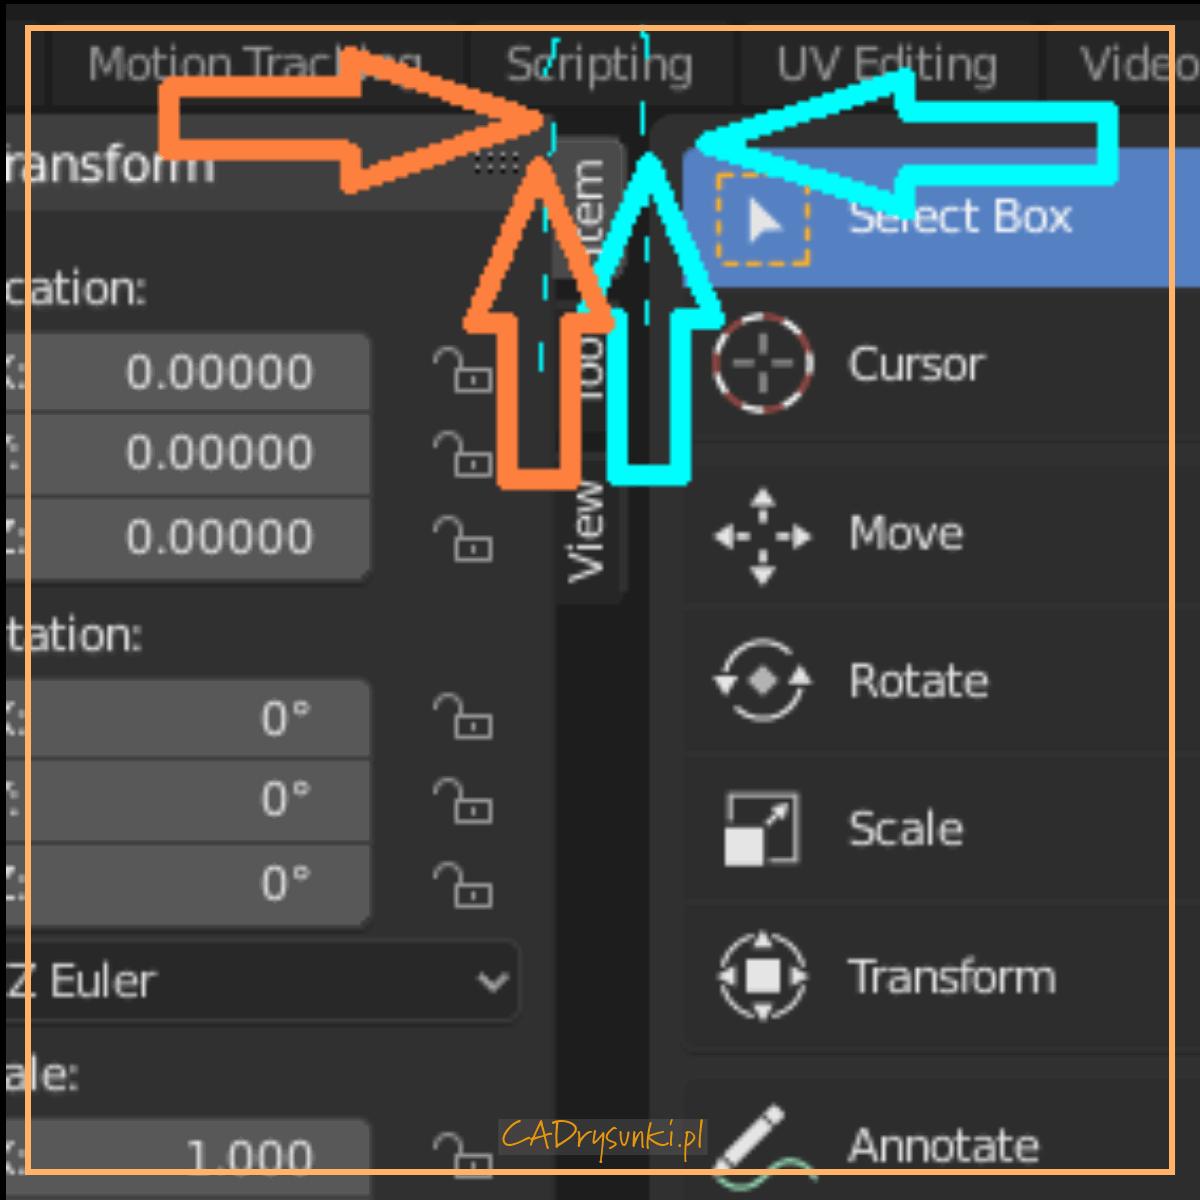 Określenie punktu na ekranie w którym należy ustawić kursor myszki aby zastosować fukcję podziału okna roboczego programu blender. Będziemy tworzyli nowe obszary robocze do pracy.